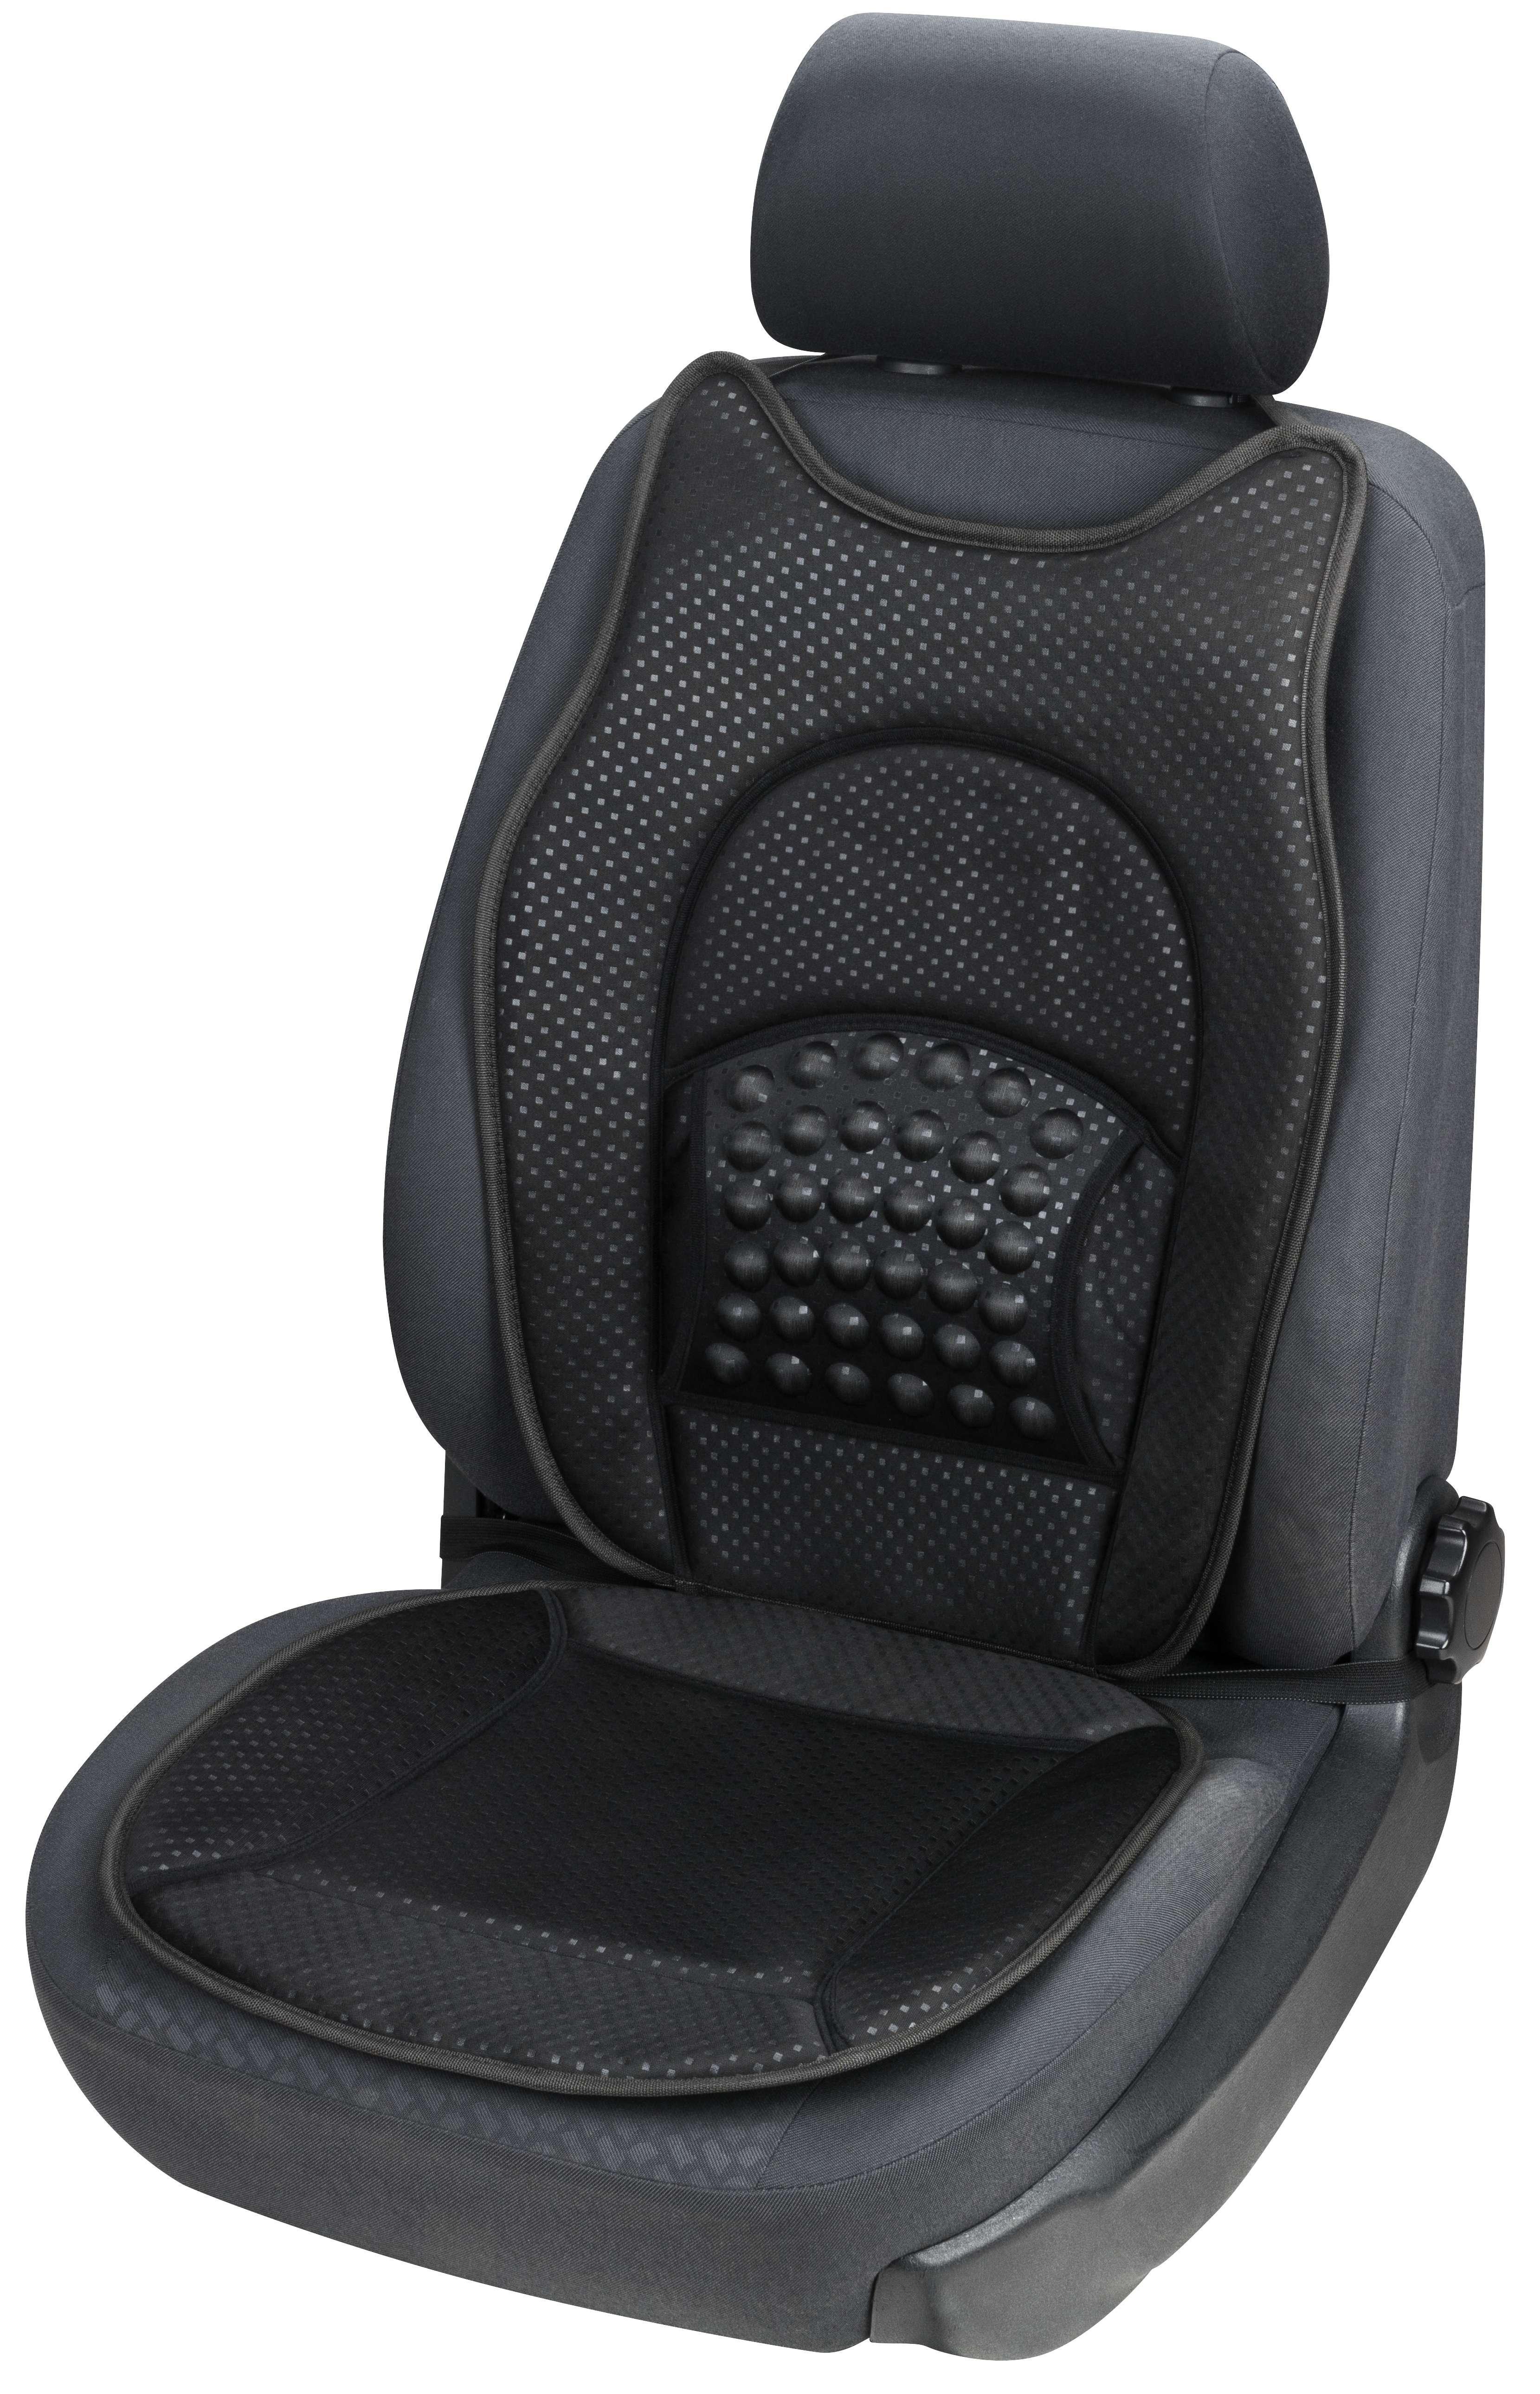 Protector asiento coche 13991 WALSER 13991 en calidad original